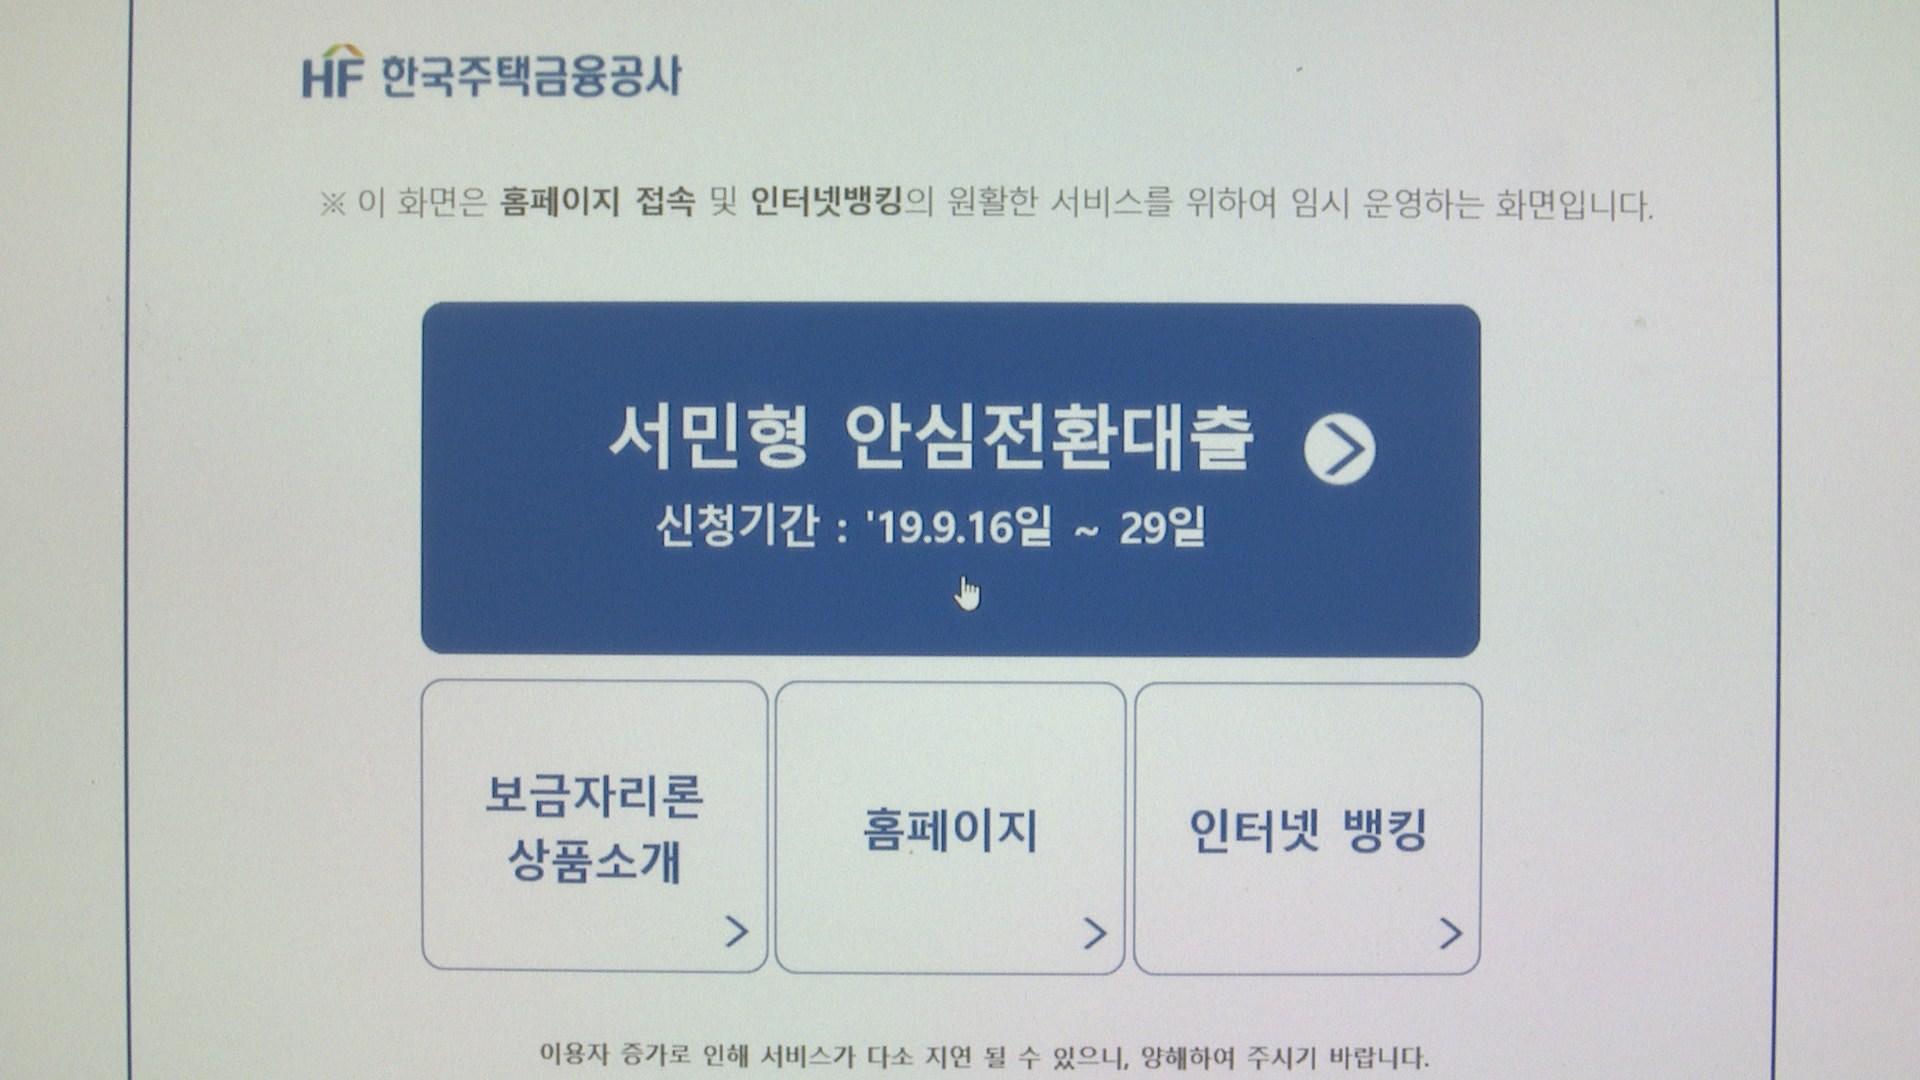 안심전환대출 첫날 7천여건 신청…홈페이지 '북새통'